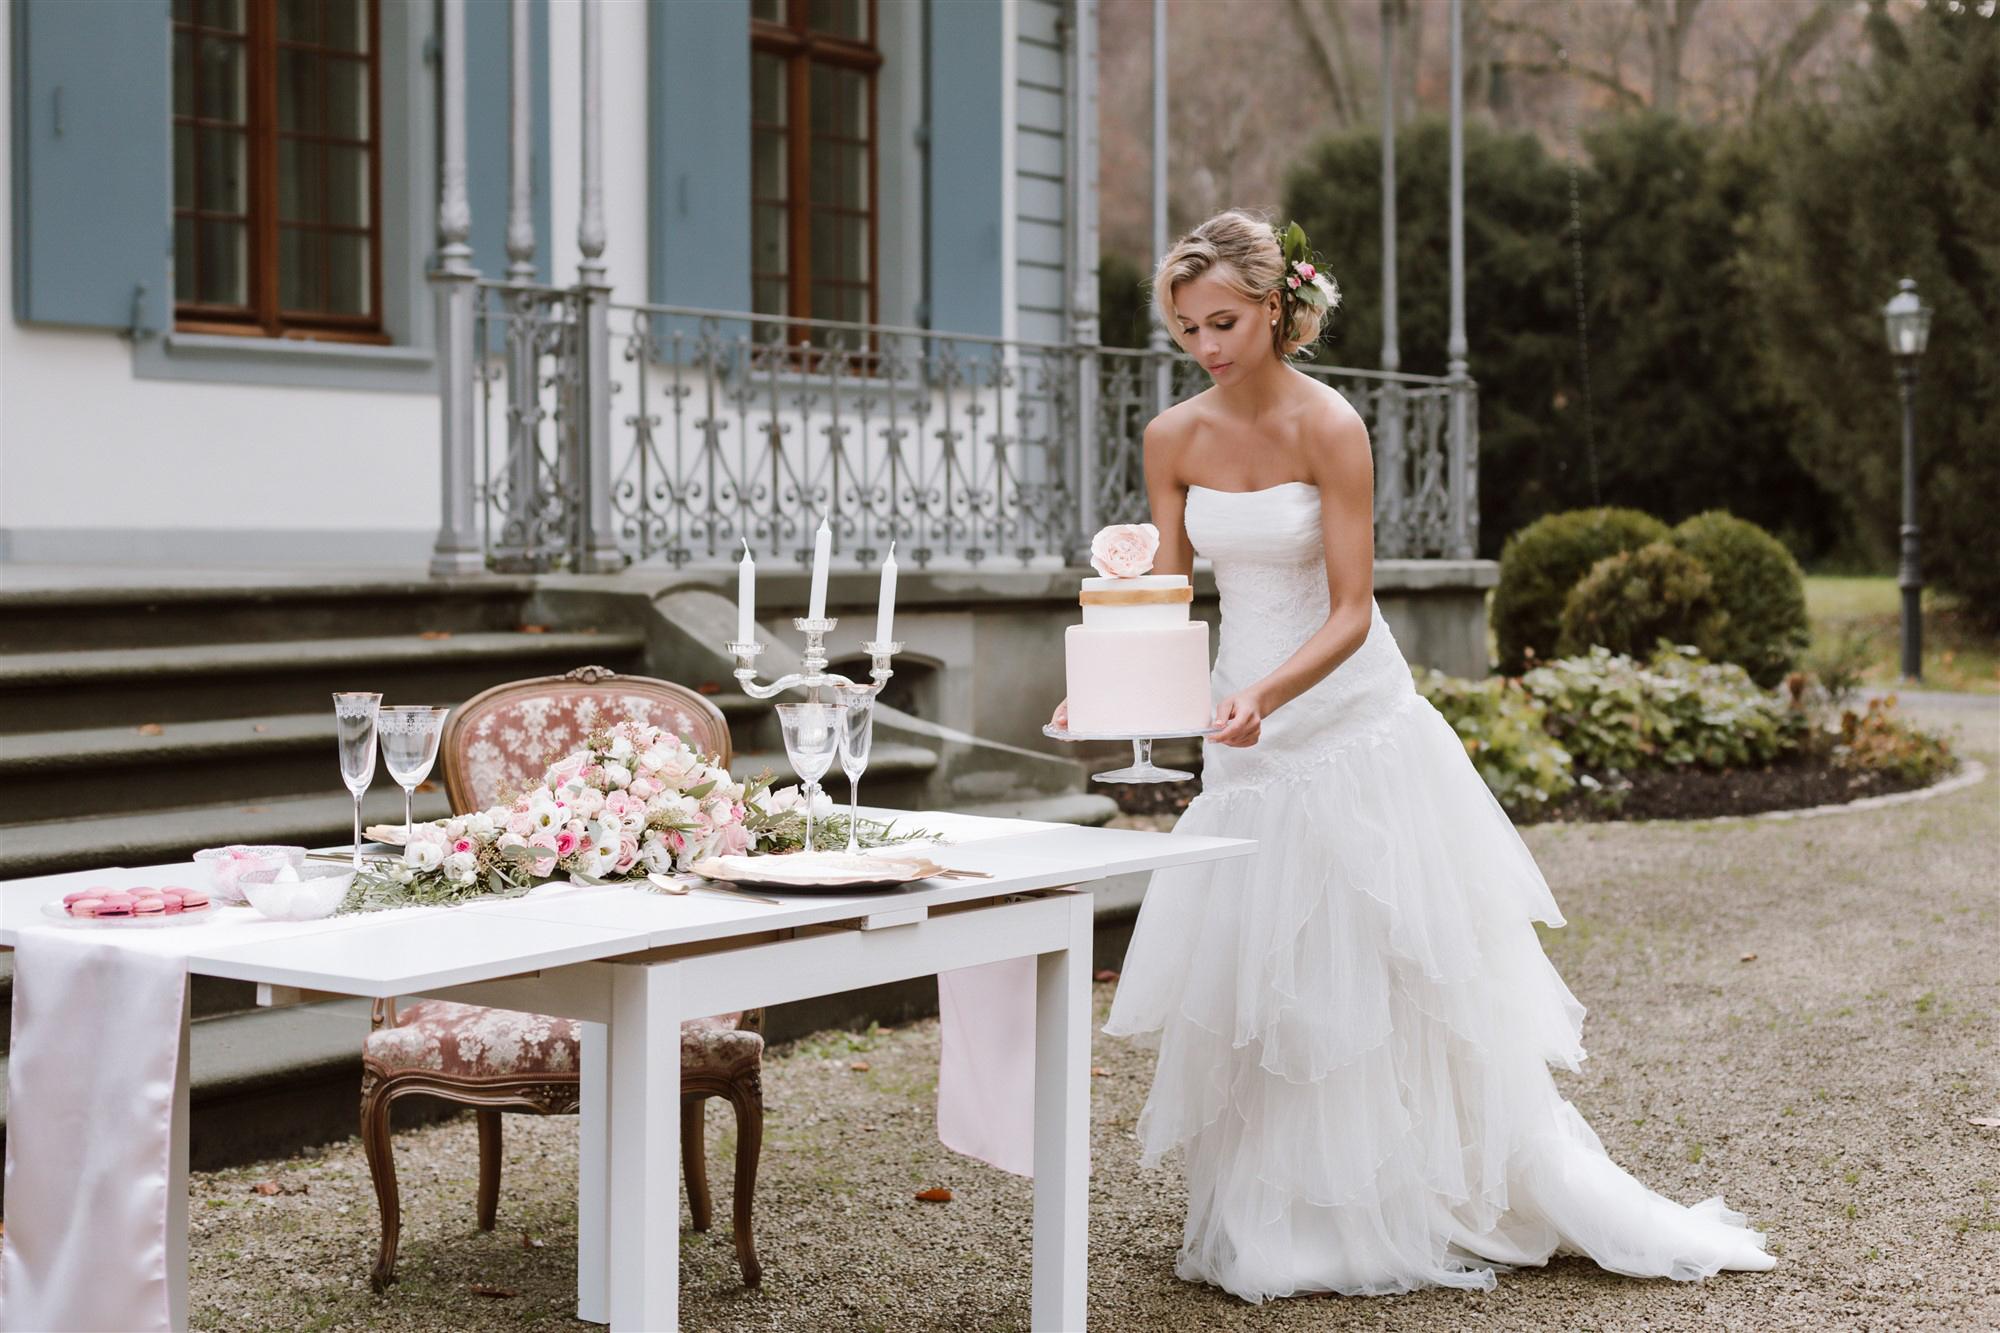 Die schöne Braut und wunderschöne Tischdekoration für die Hochzeit in Rosa, Weiss und Gold